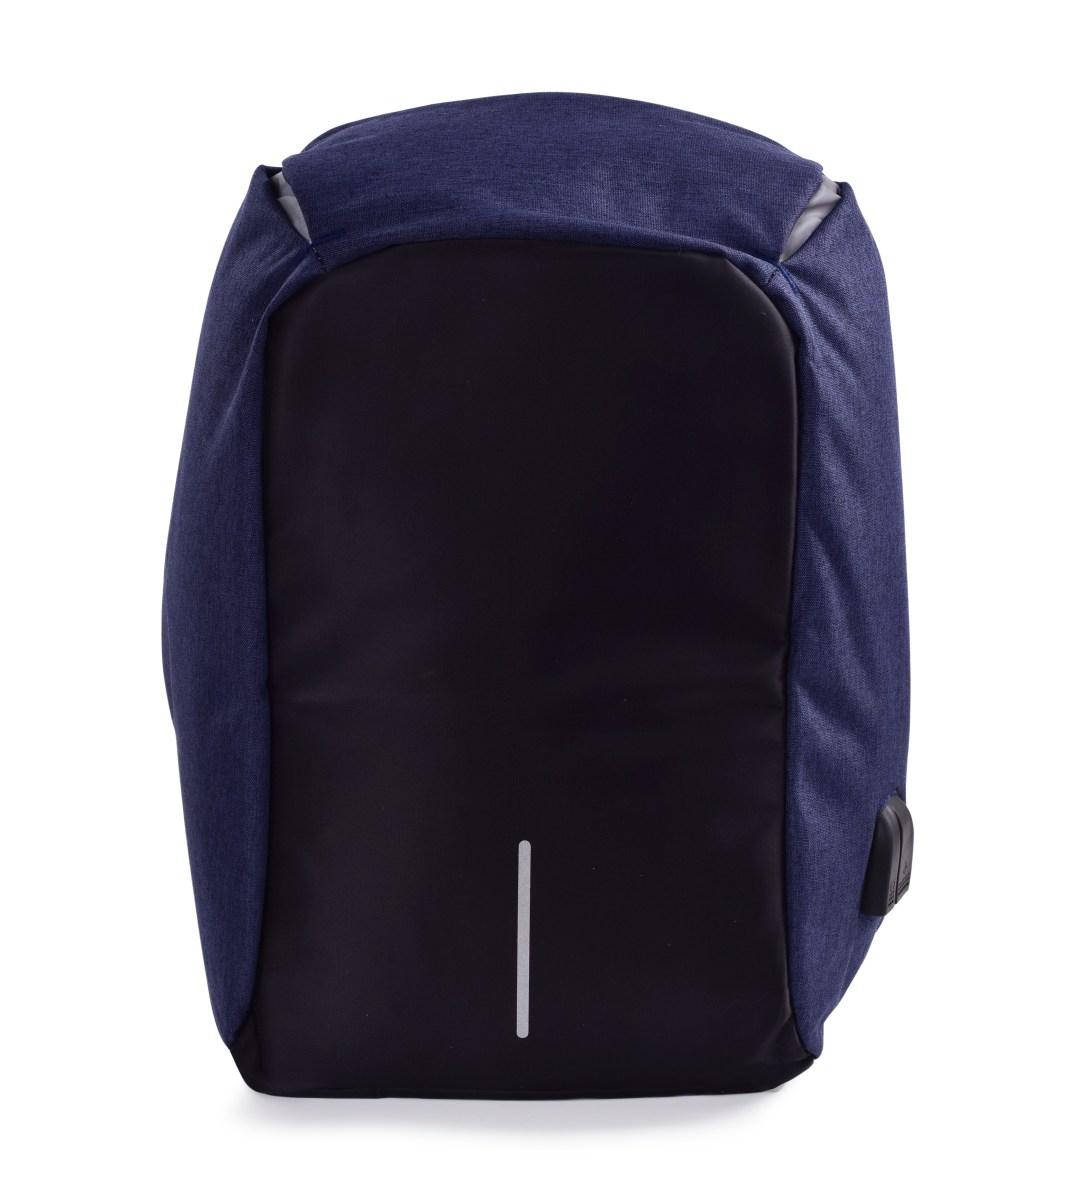 Bezpečný batoh TRAVEL&STUDENT s USB připojením a výstupem na sluchátka